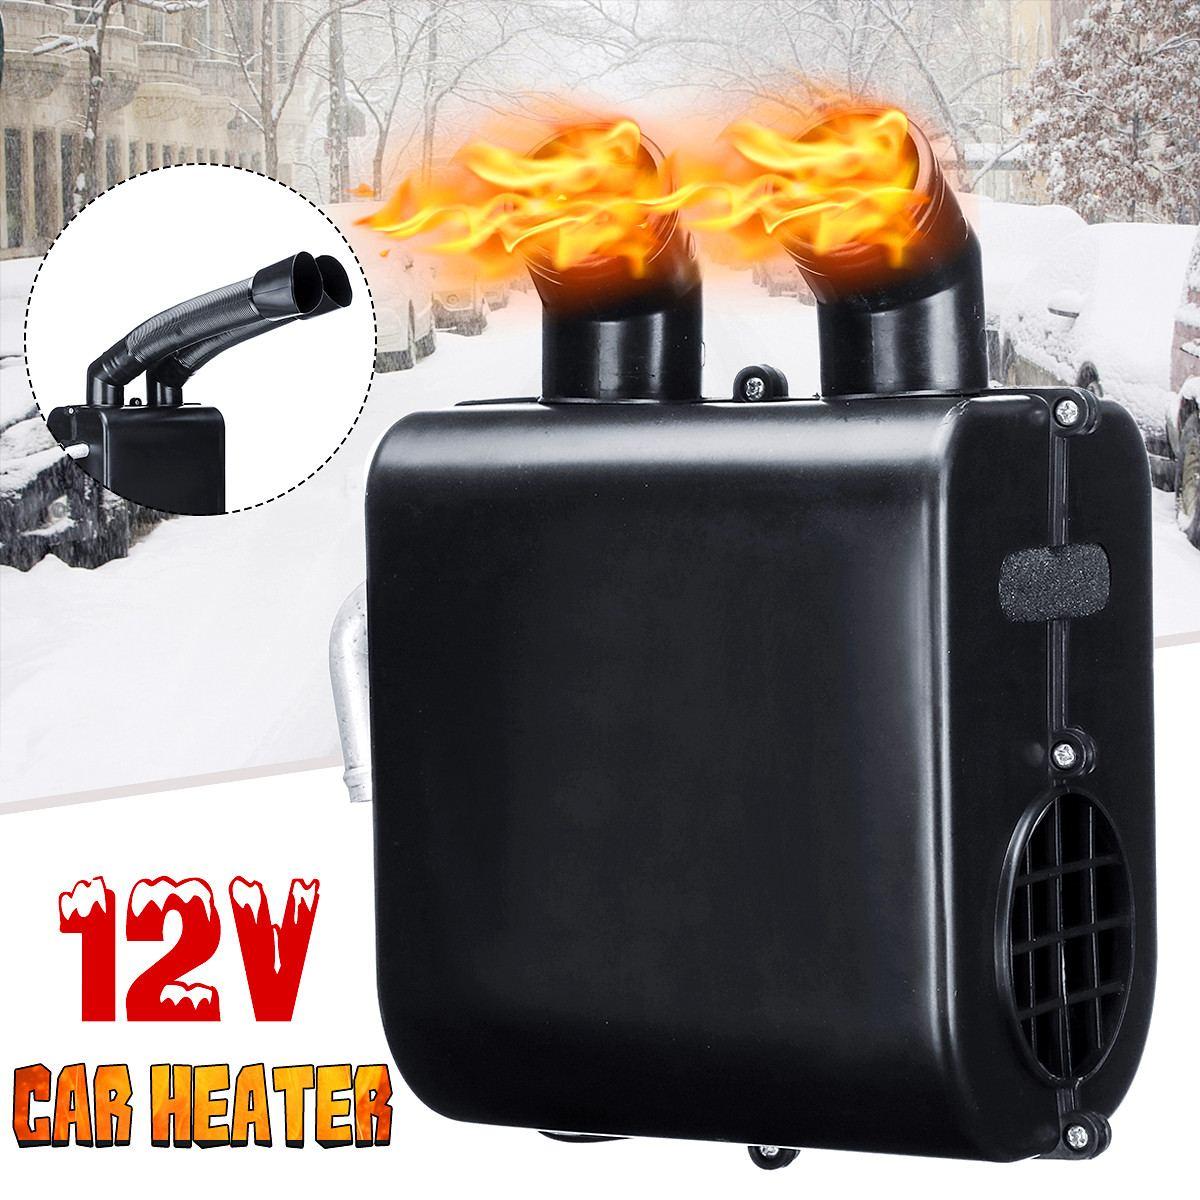 12 V radiateur soufflant électrique Chauffage Portable Auto radiateur de voiture Chauffage Dégivreur Pare-Brise Dégivreur antibuée Hiver appareils